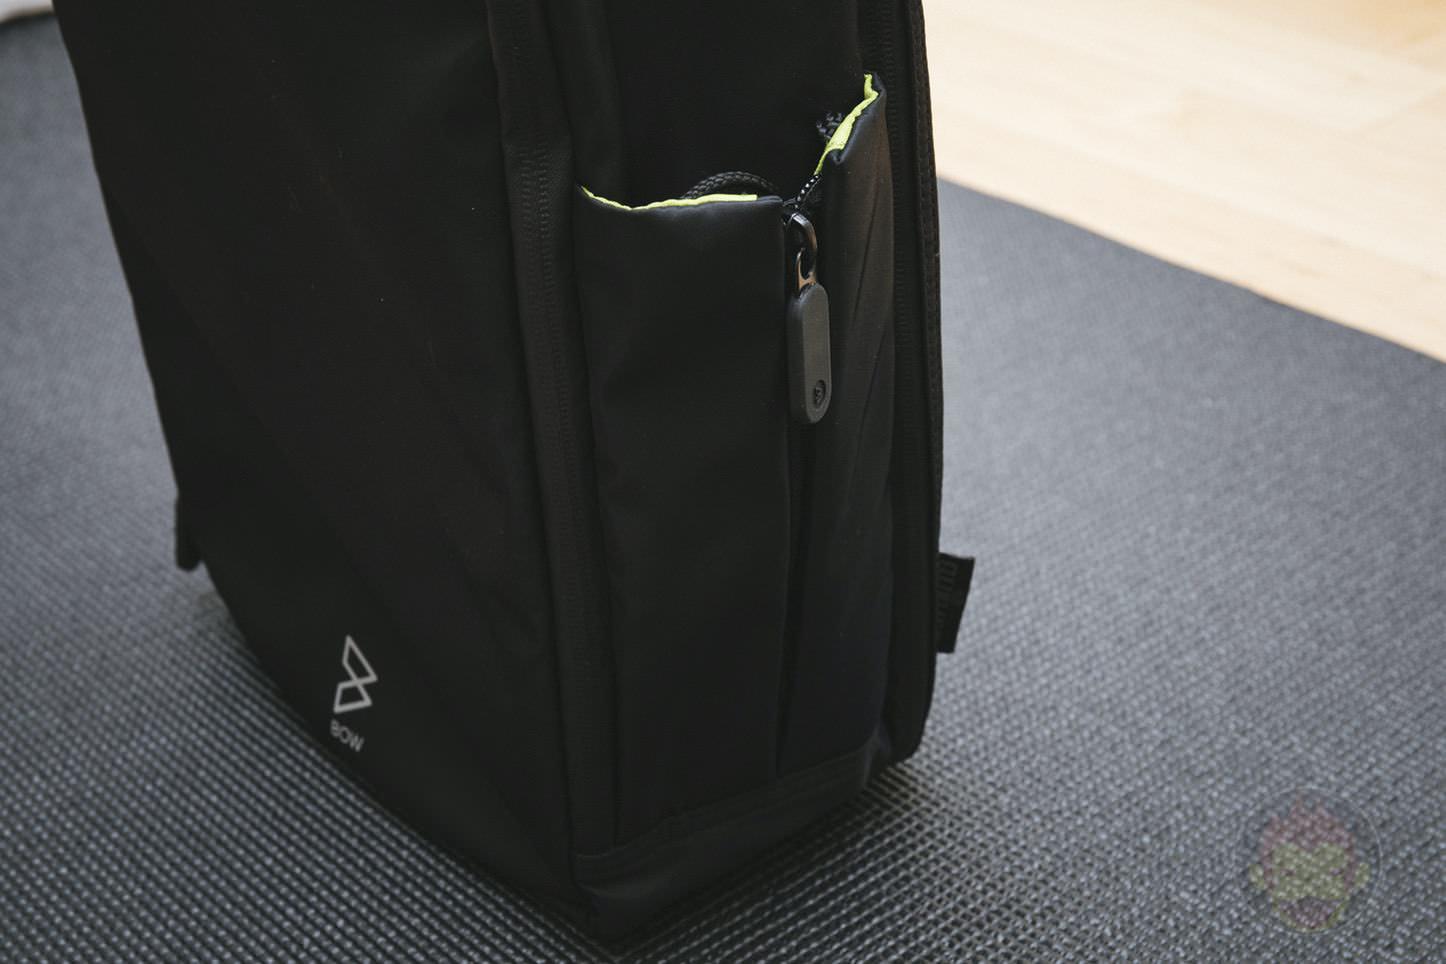 Quiver-Gym-Splashproof-Shoulder-Bag-09.jpg